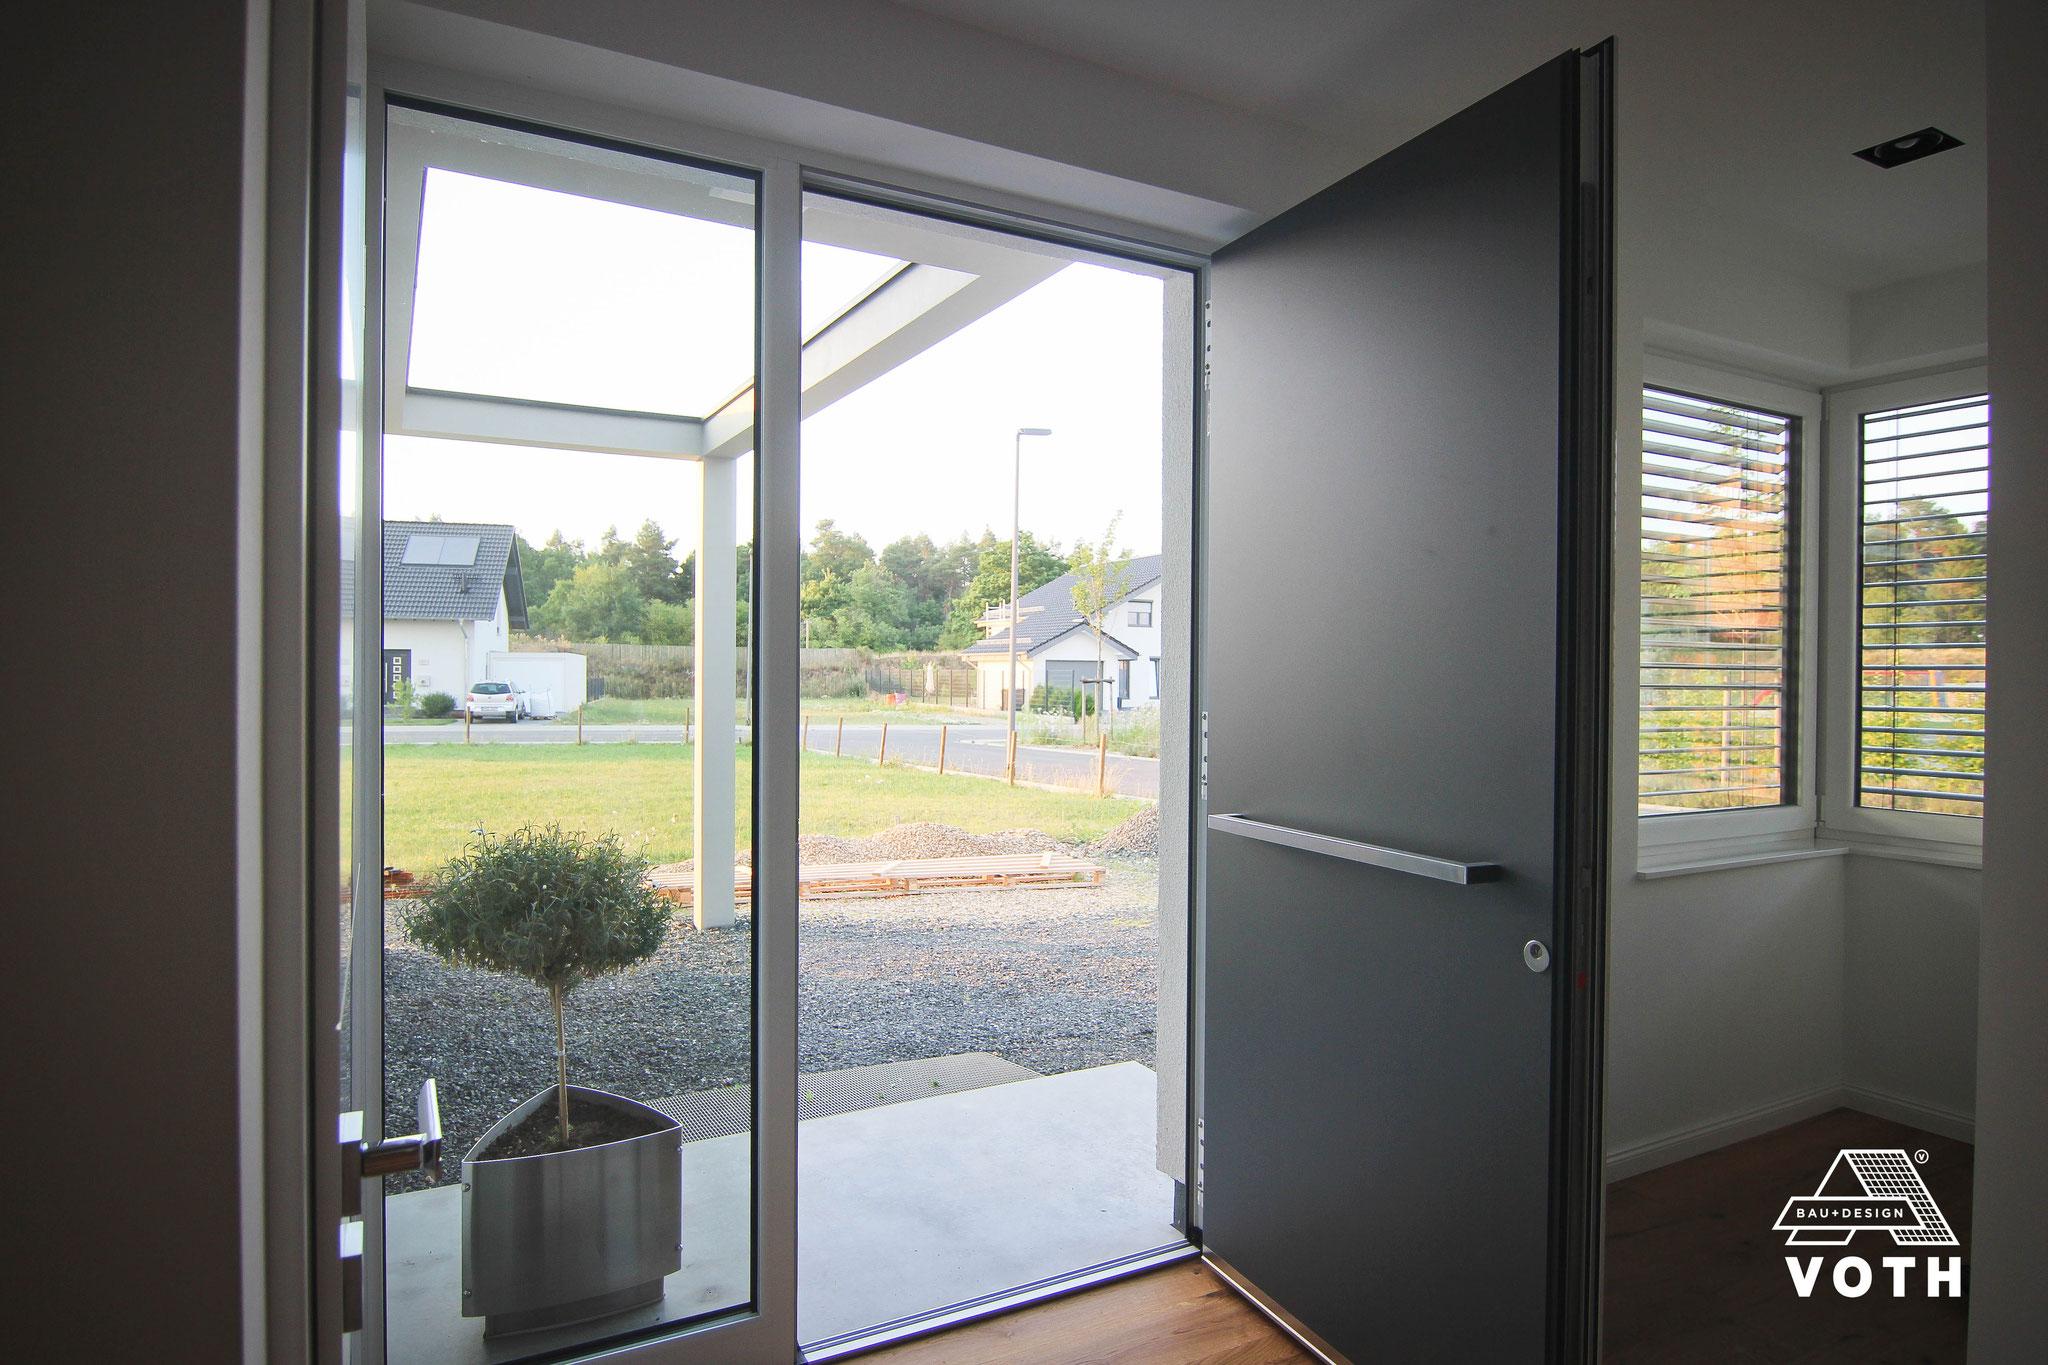 Aluminium Haustüren in Belgien bei Welkenrath kaufen